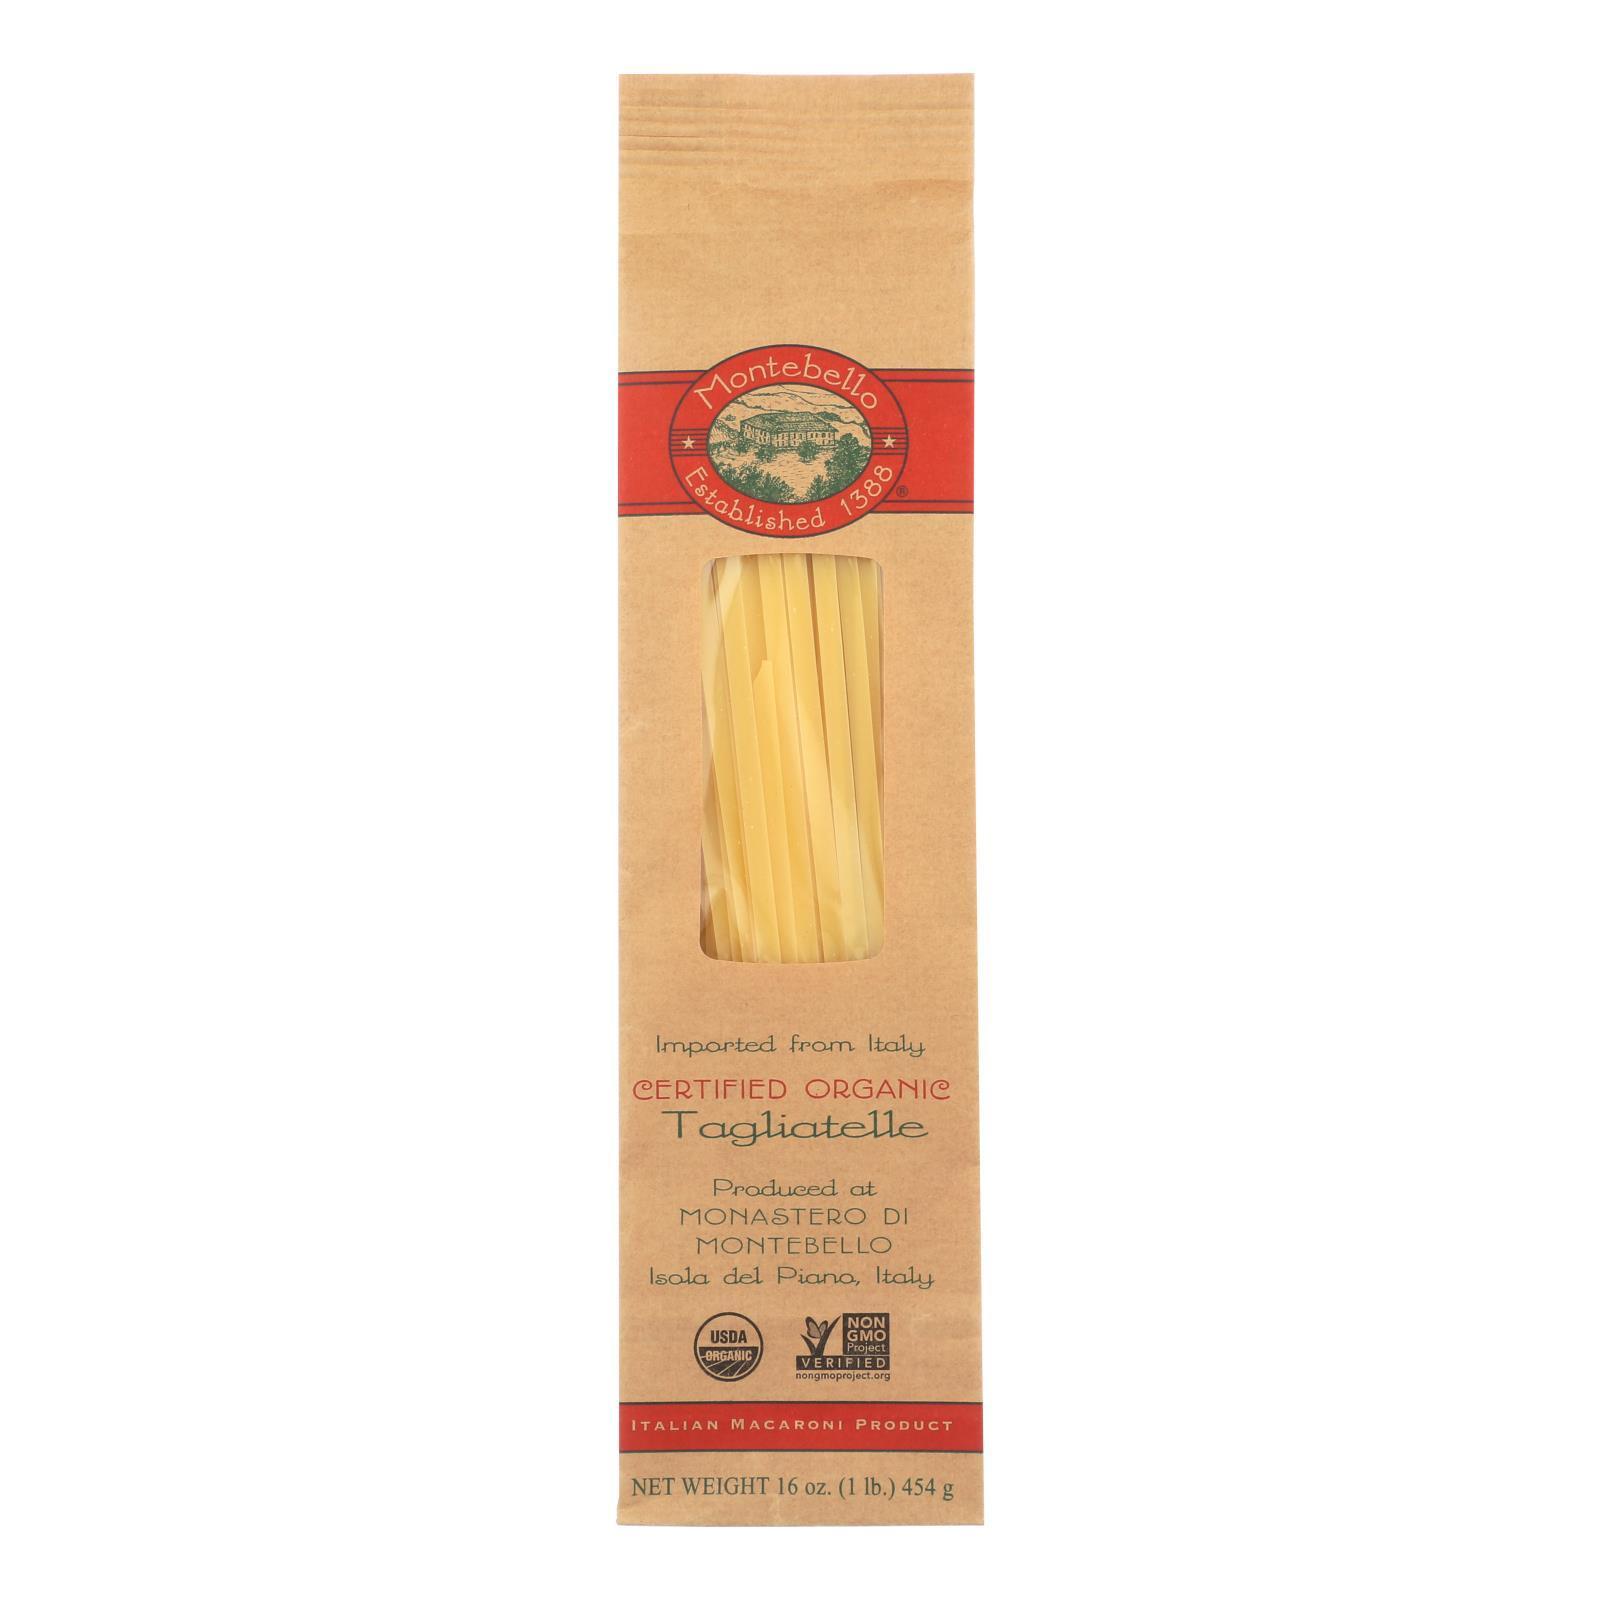 Montebello Organic Pasta - Tagliatelle - Case of 12 - 1 lb.